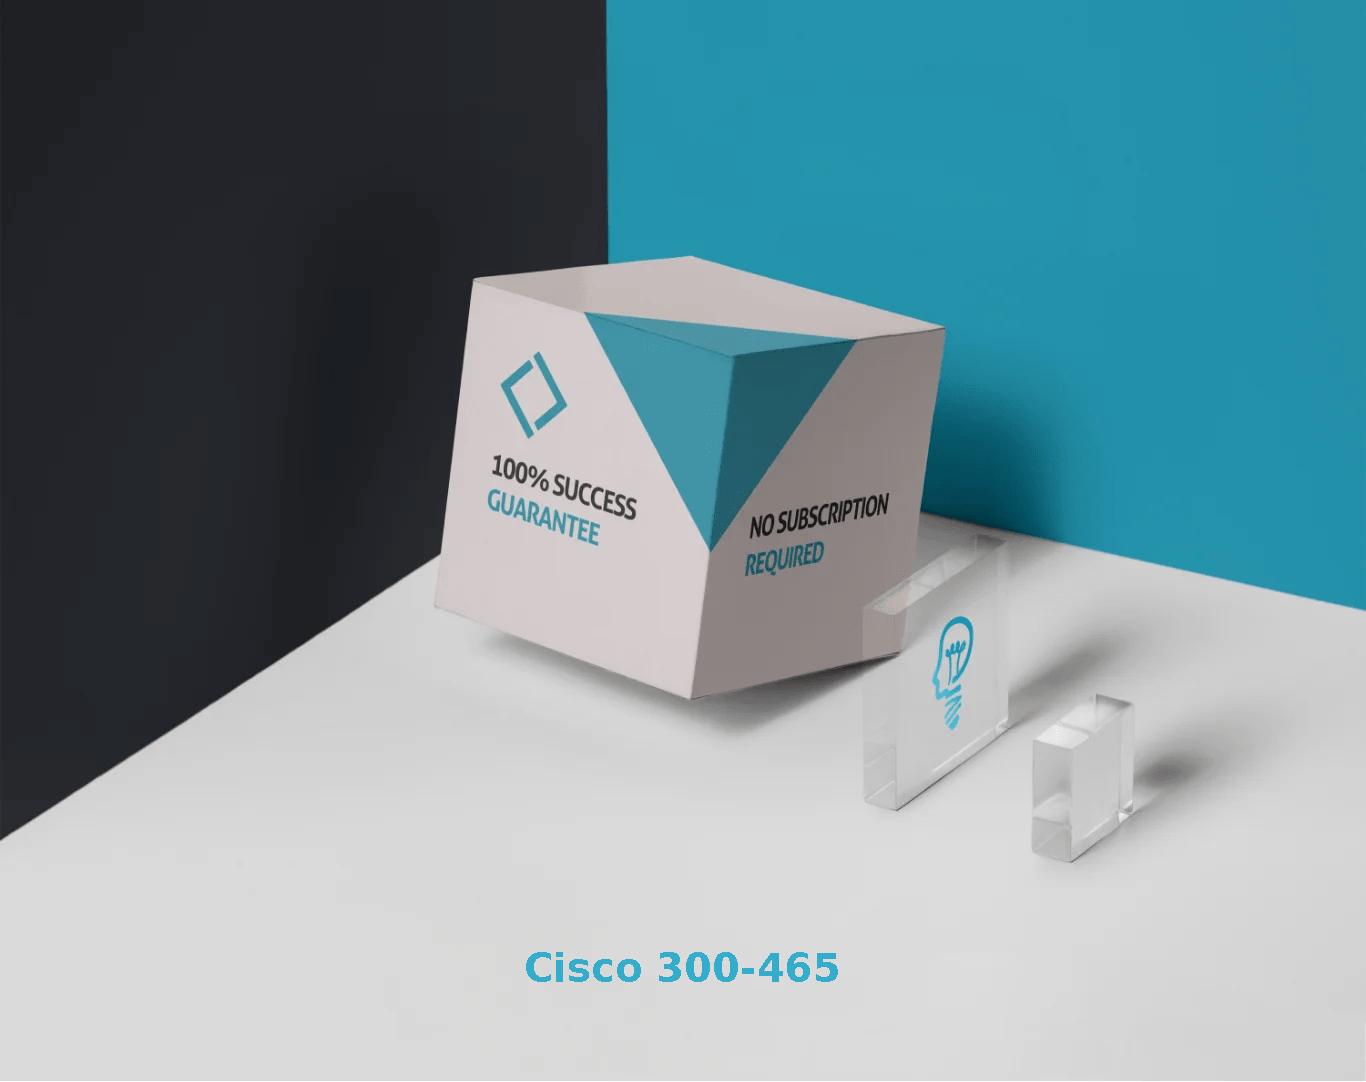 Cisco 300-465 Exams